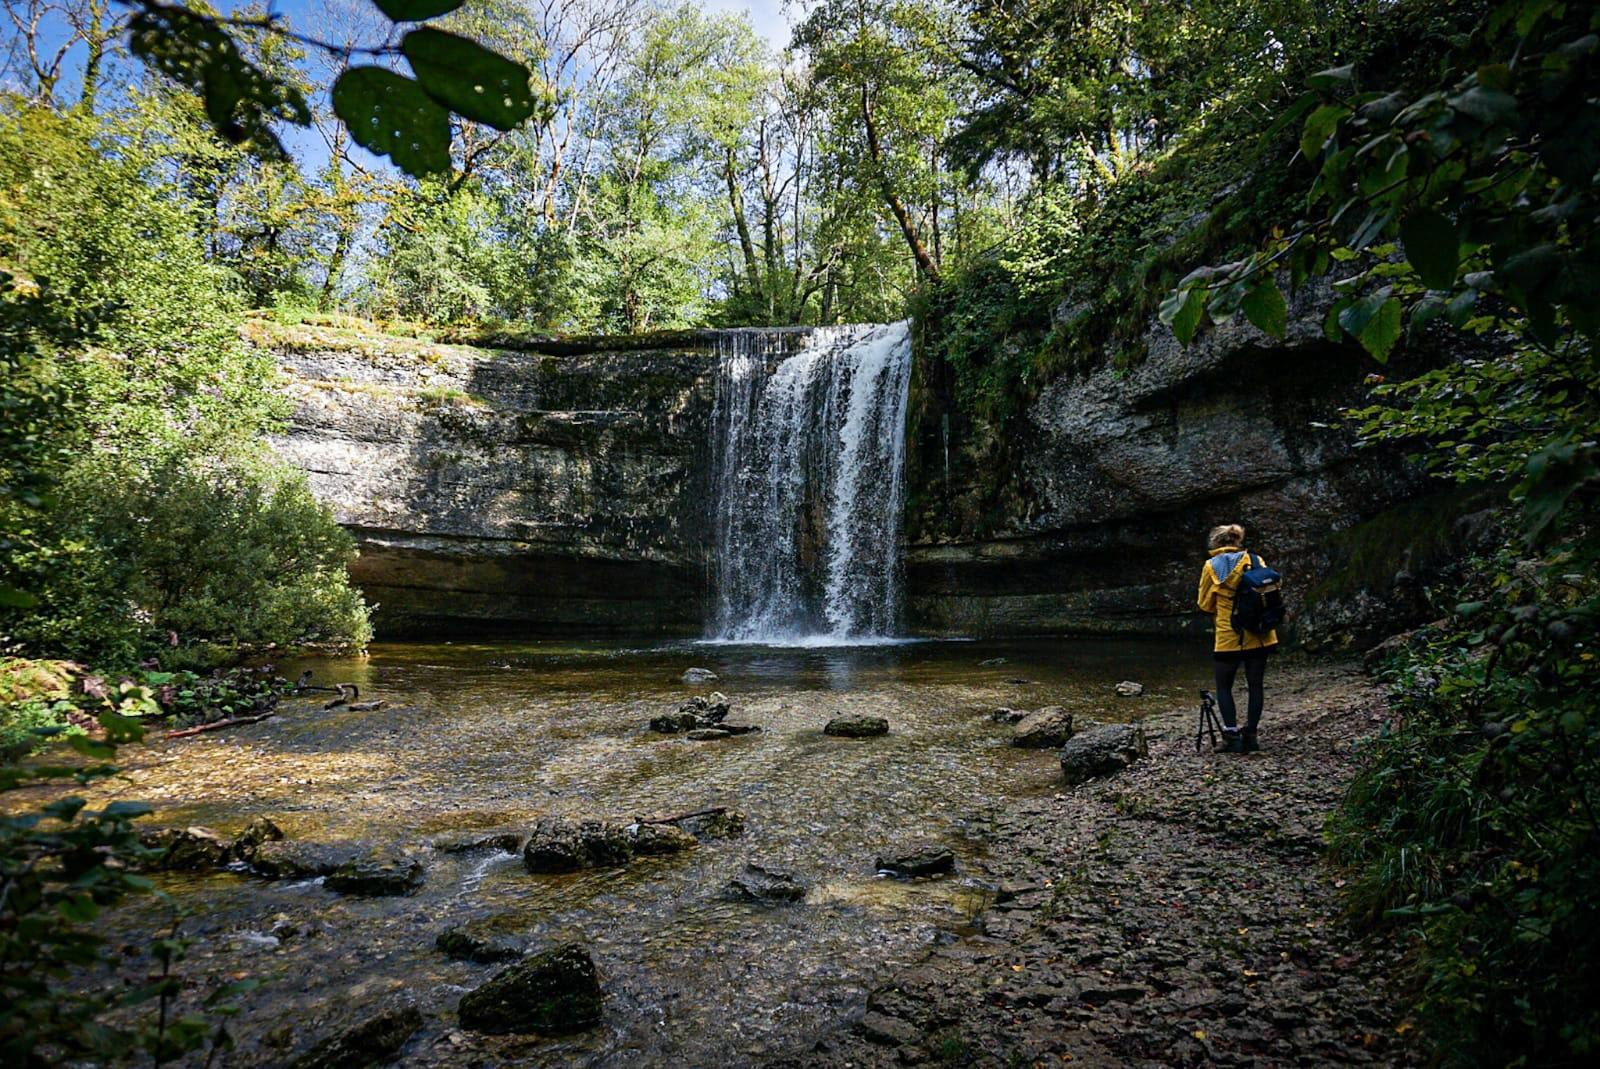 cascade du Hérisson eau lykorne ciré jaune soleil ciel bleu forêt Jura